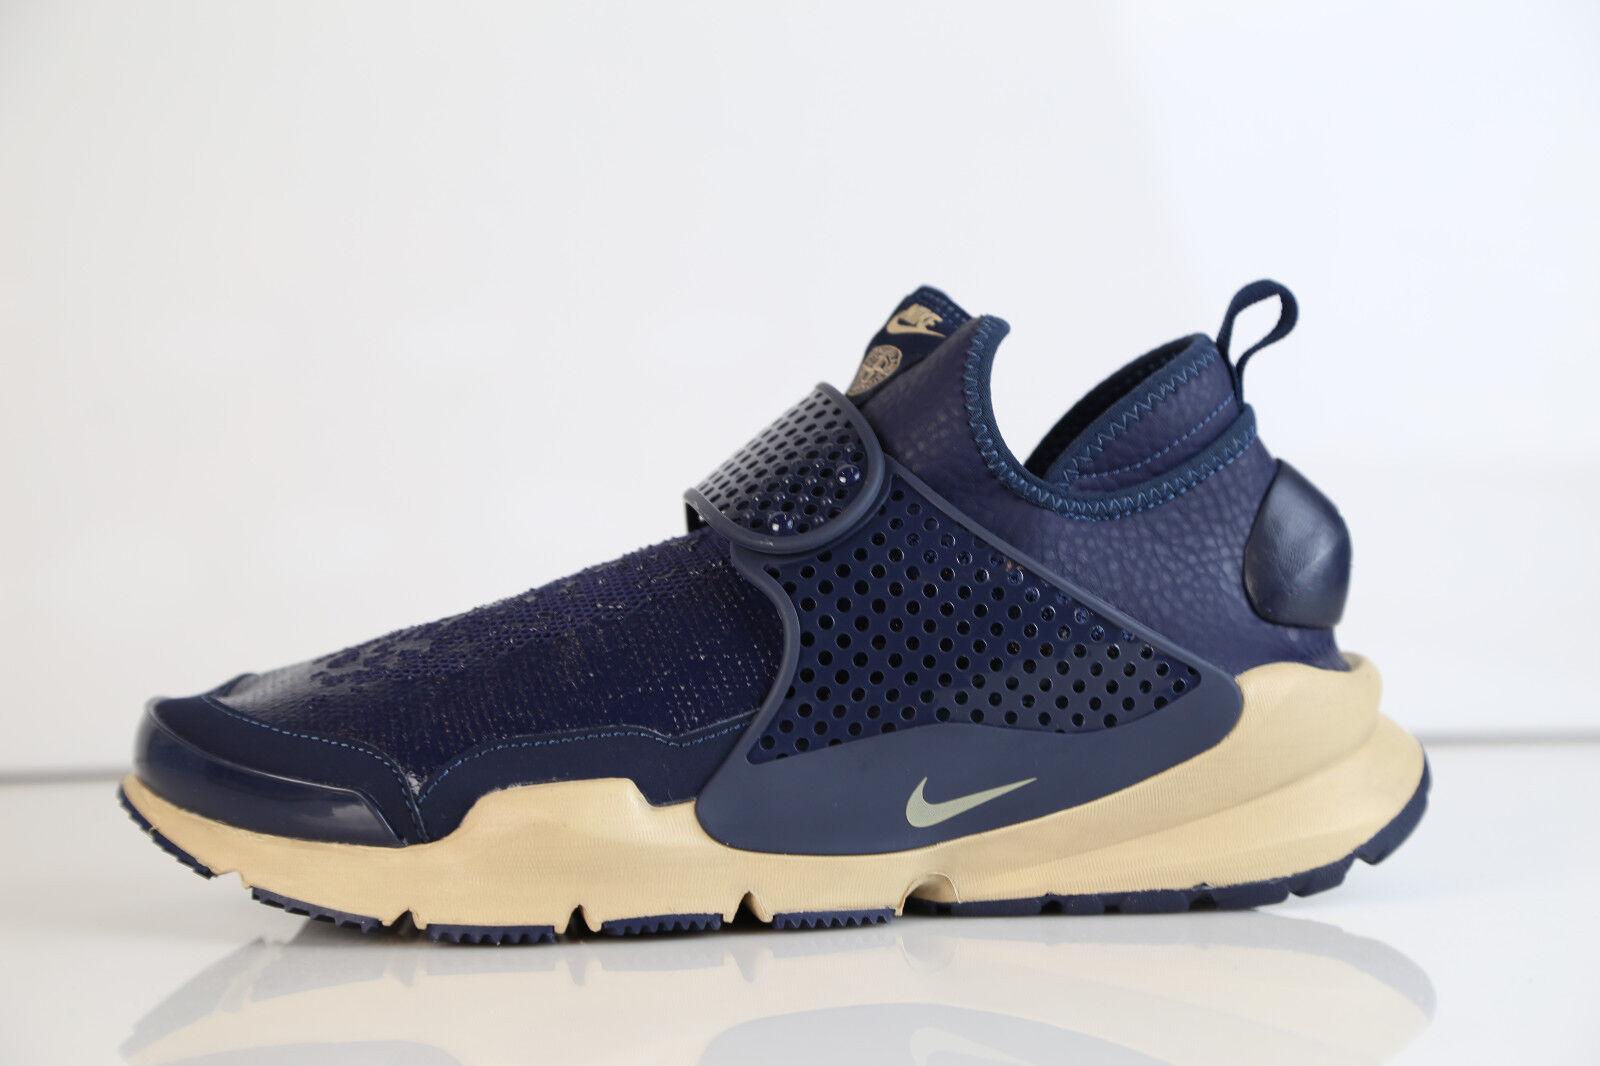 Nike X Stone Island Calcetín 9-12 Dart Mid si Obsidiana Orewood 910090-400 9-12 Calcetín Lab Gratis 1 14d871